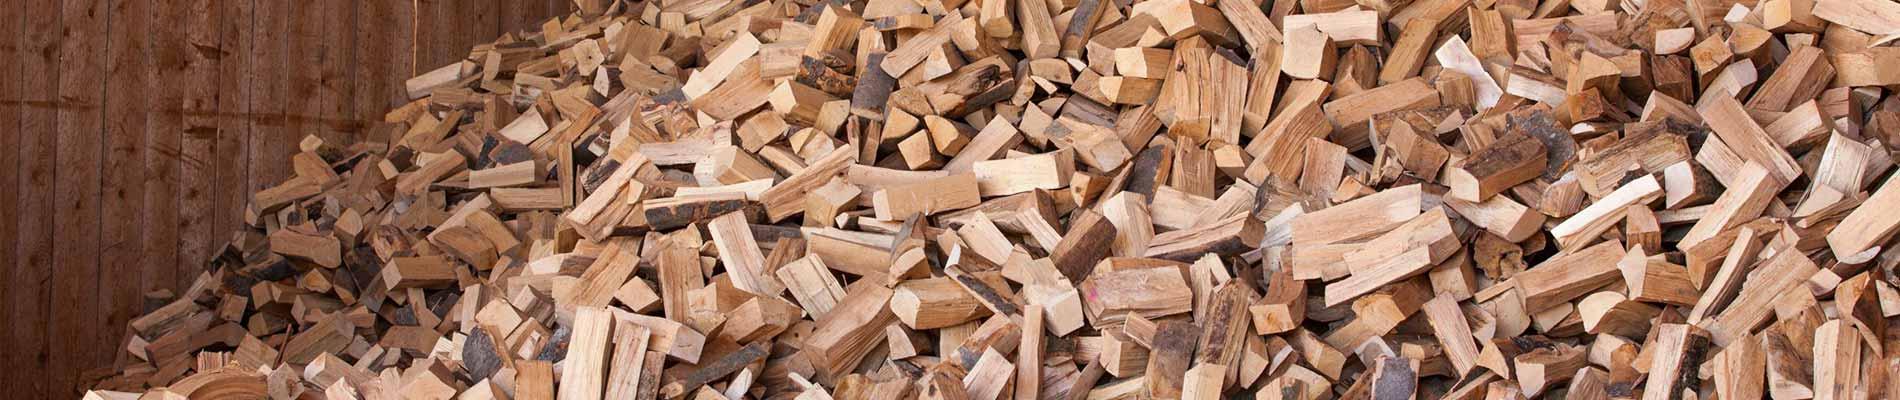 Biomassehof Brennholz